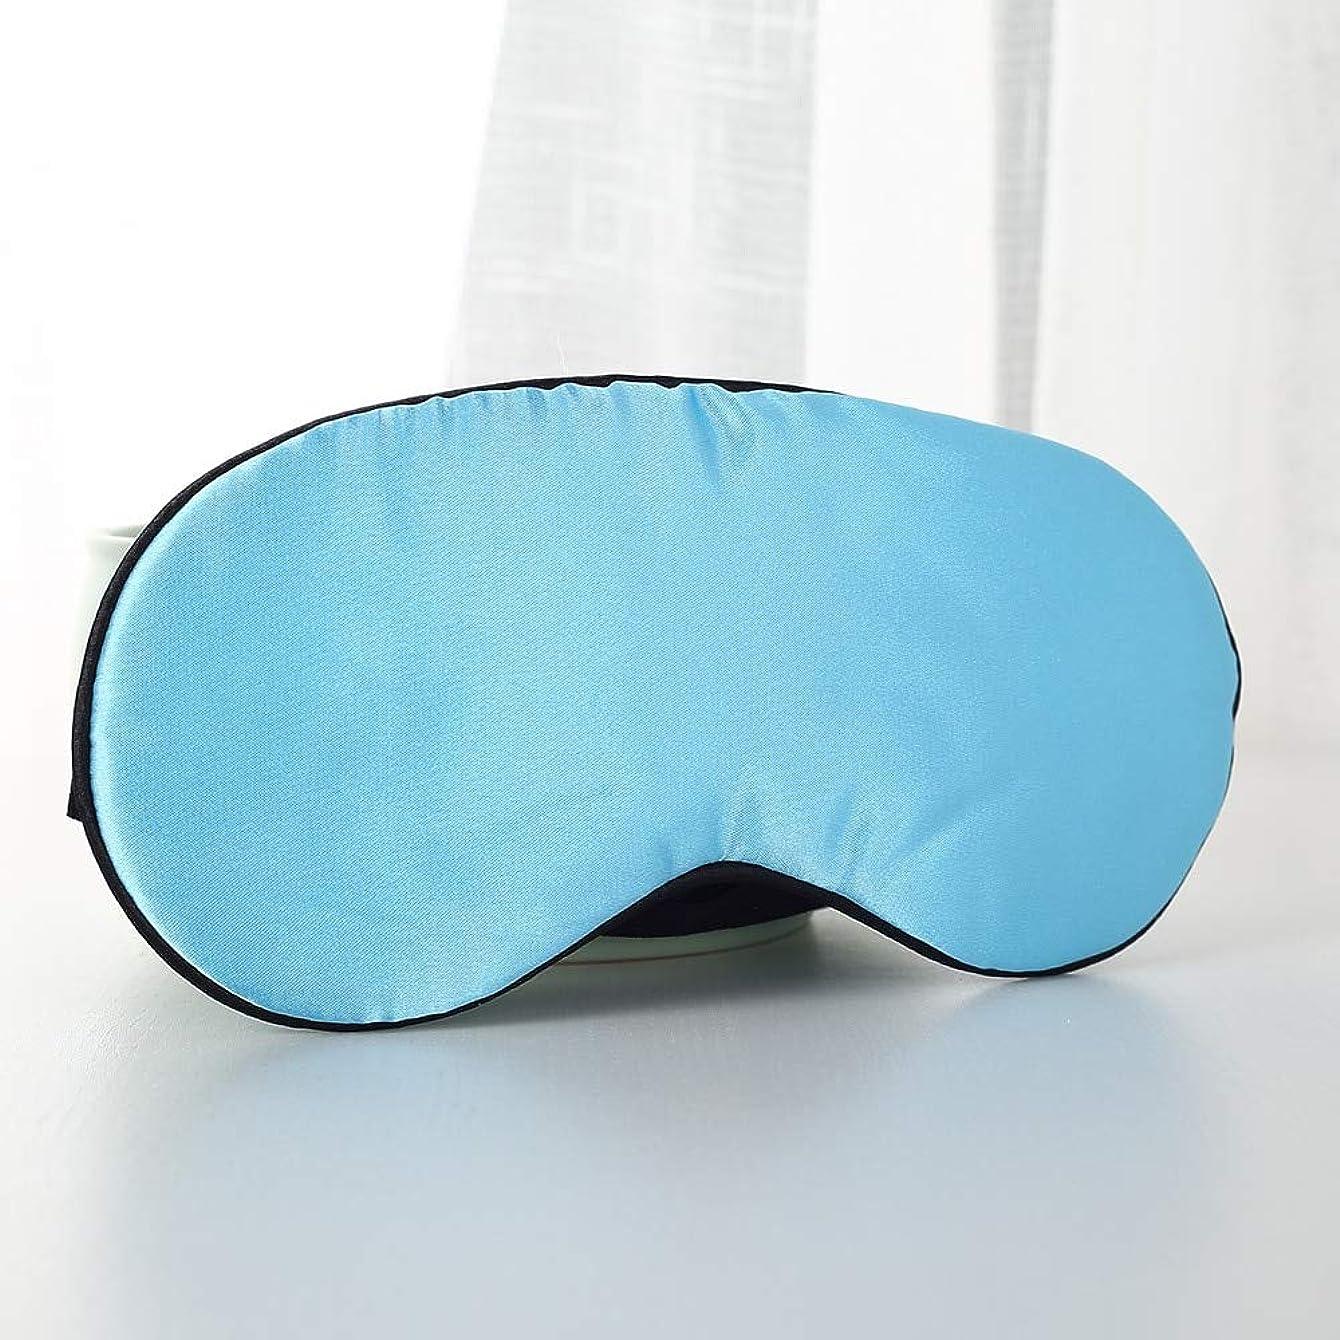 特権的十年提案するNOTE 1ピースピュアシルクレスト睡眠アイマスクパッド入り睡眠マスクナチュラル睡眠アイマスクアイシェードカバーシェード目隠し旅行アイパッチ